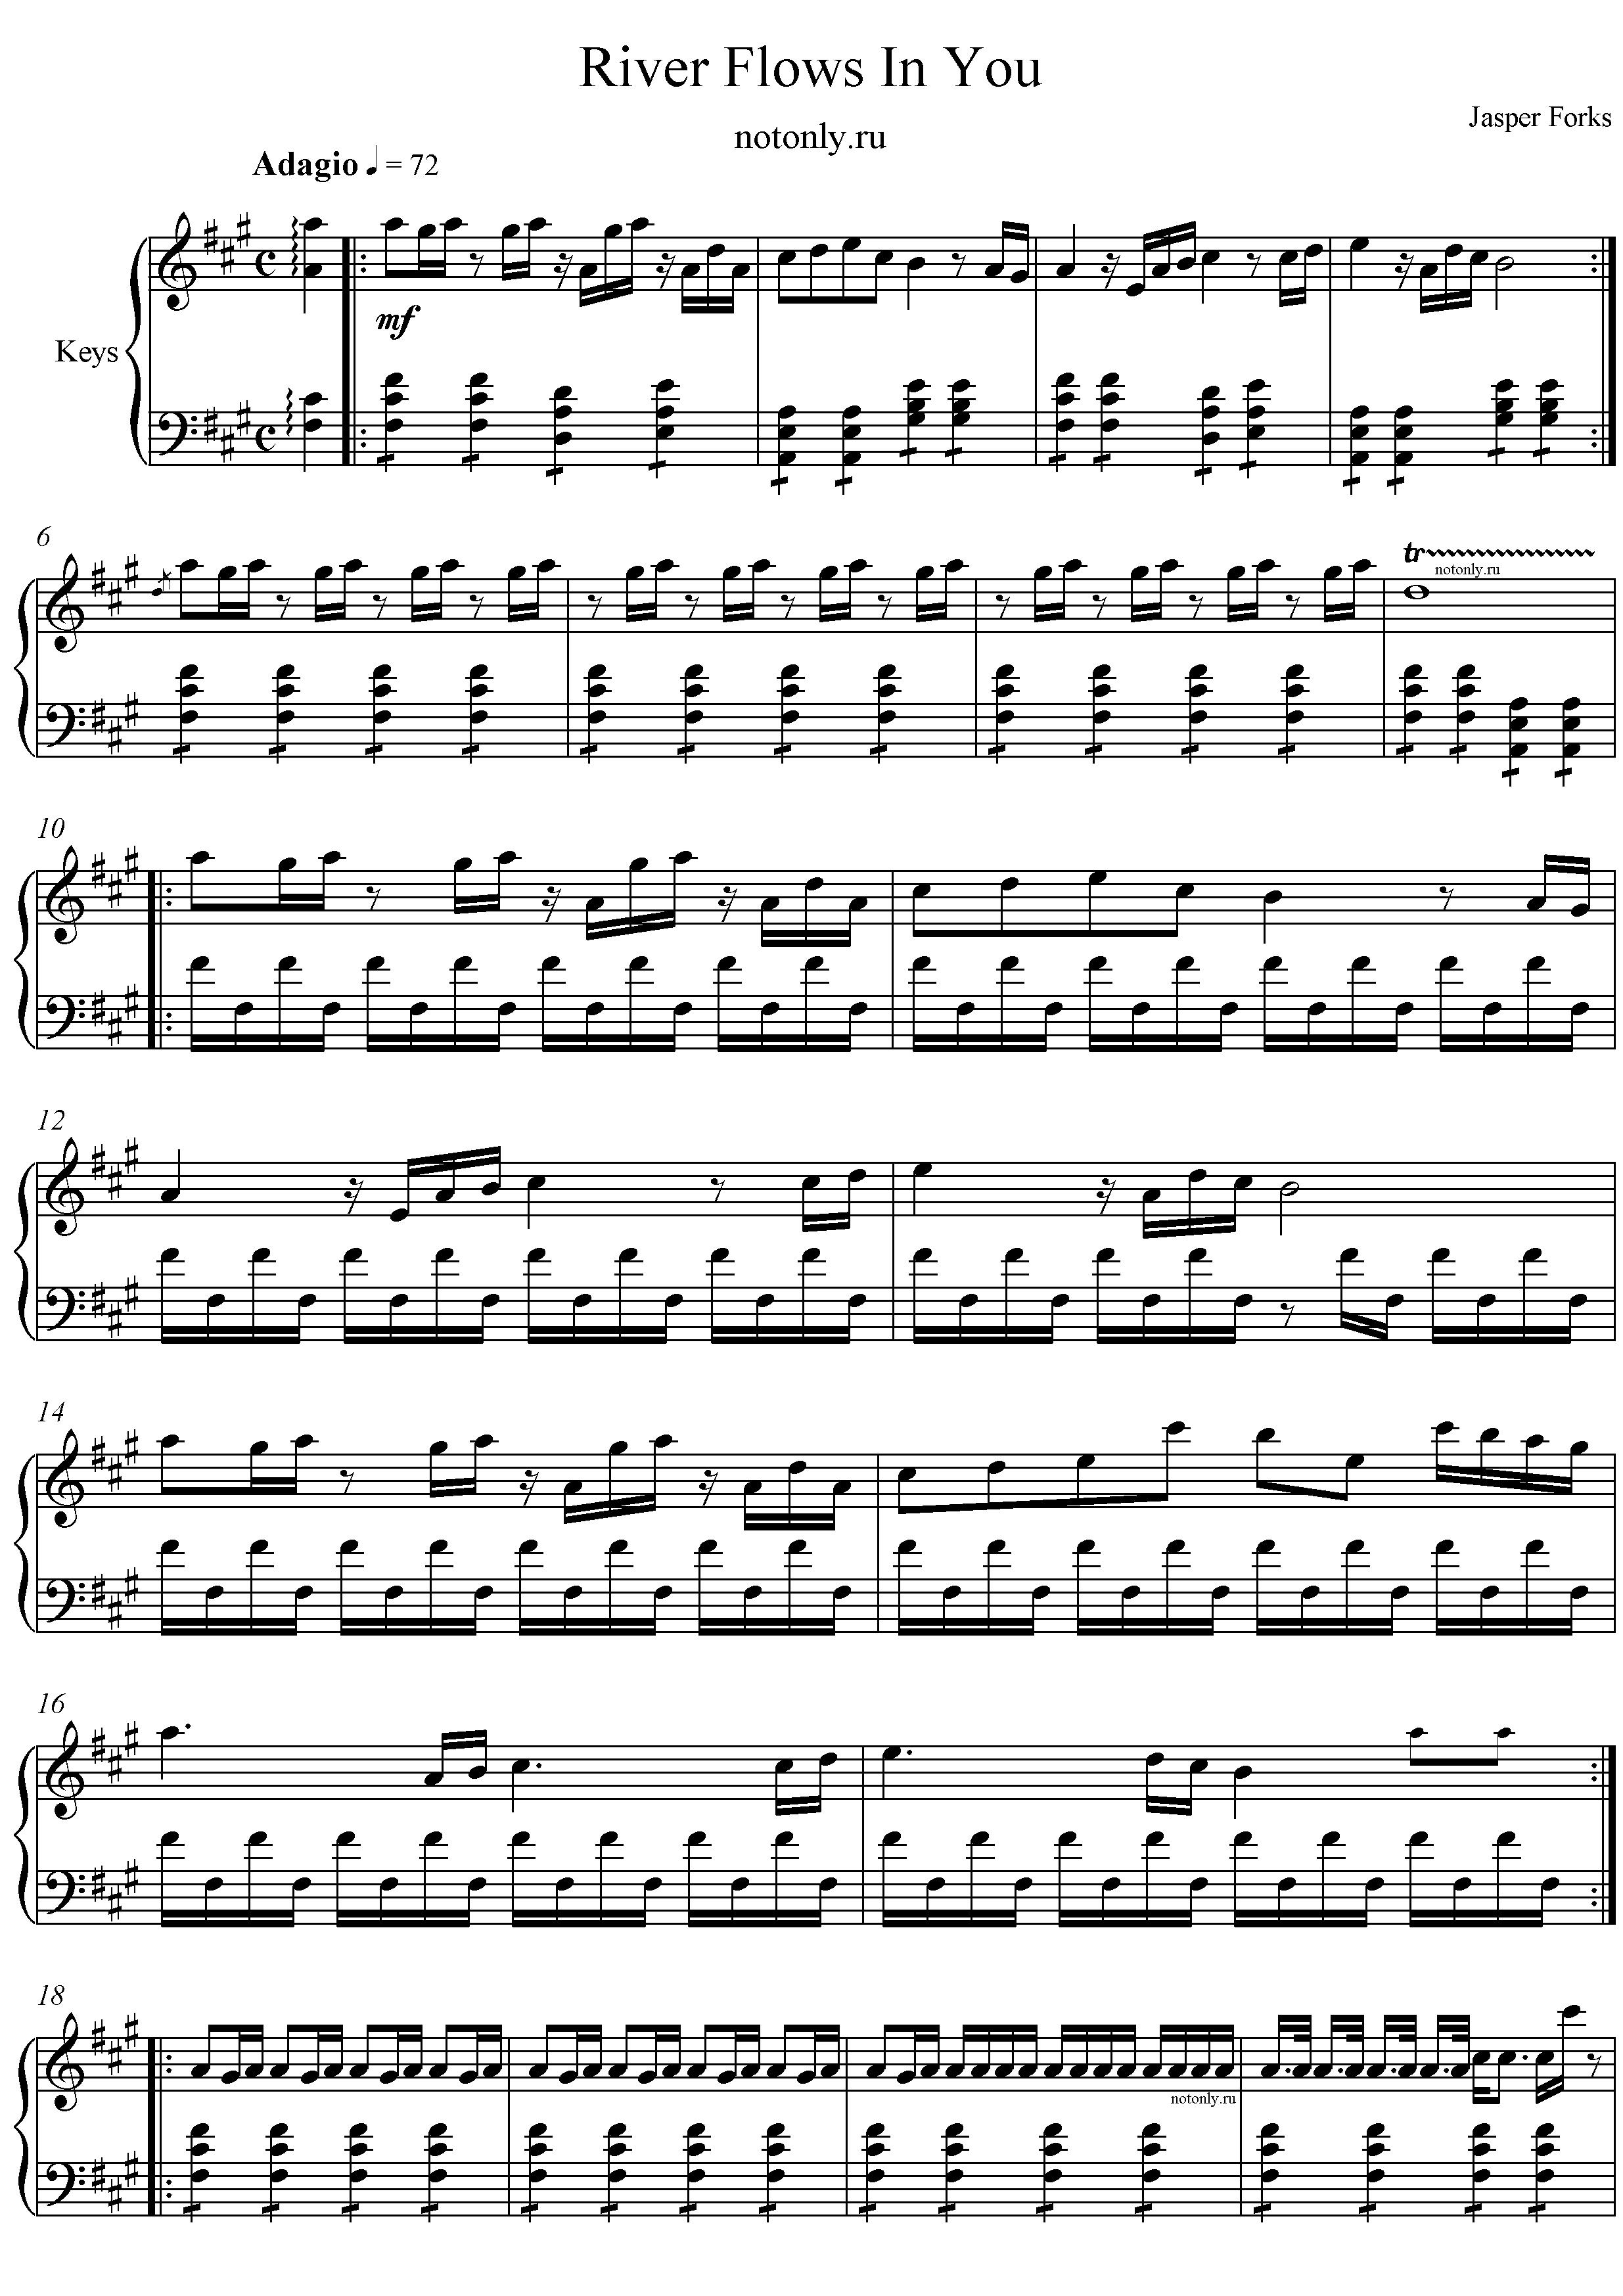 Моцарт мелодия слез скачать бесплатно